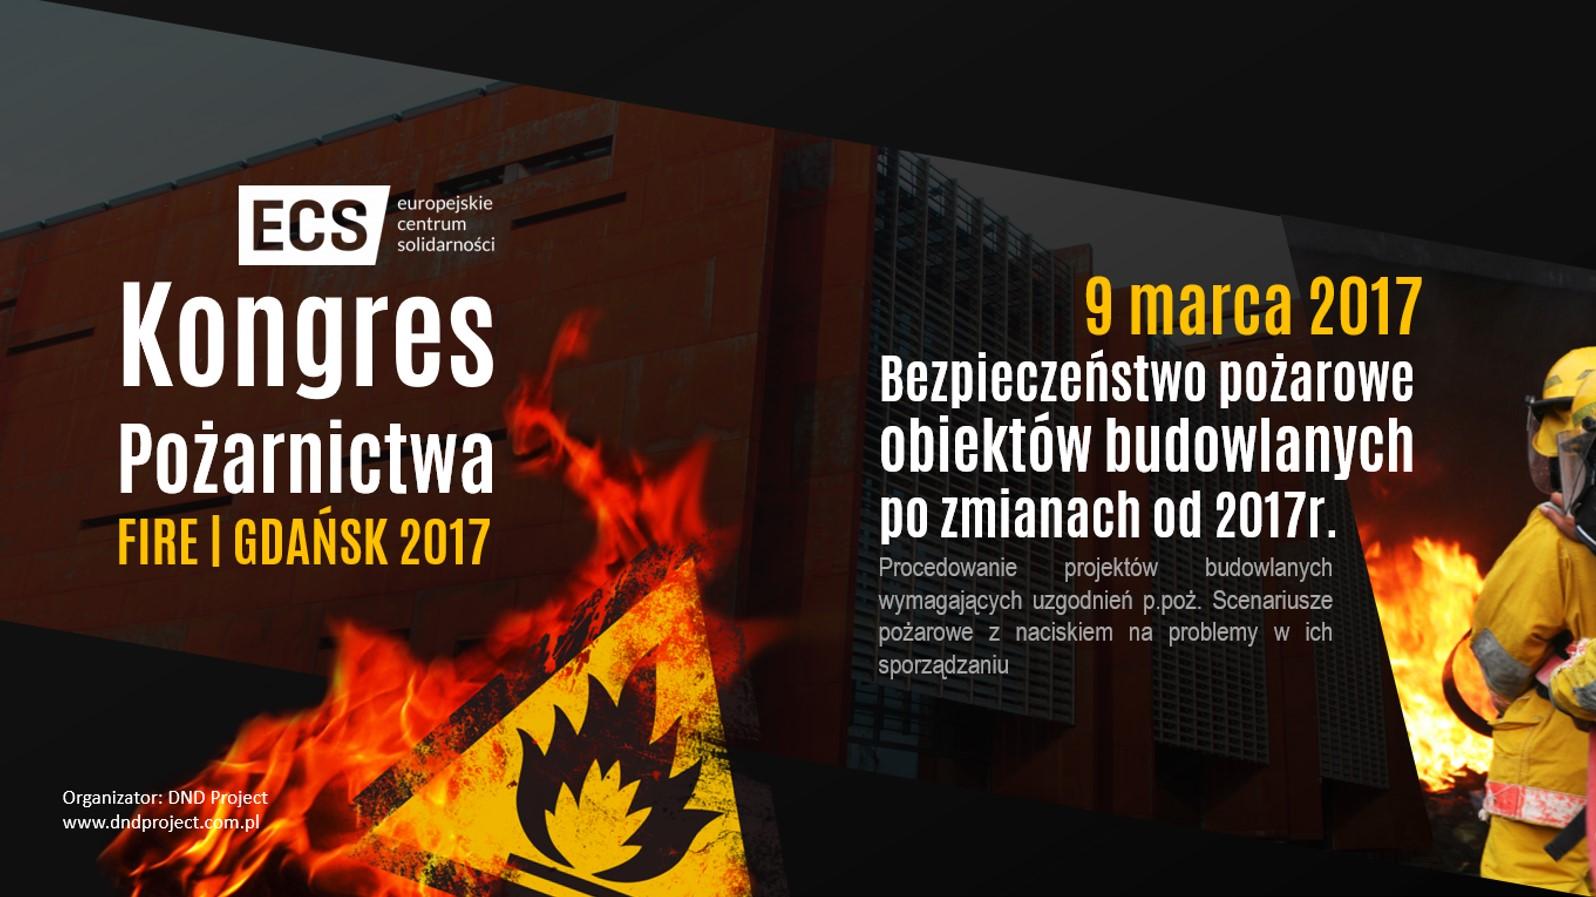 KONGRES FIRE|GDAŃSK 2017